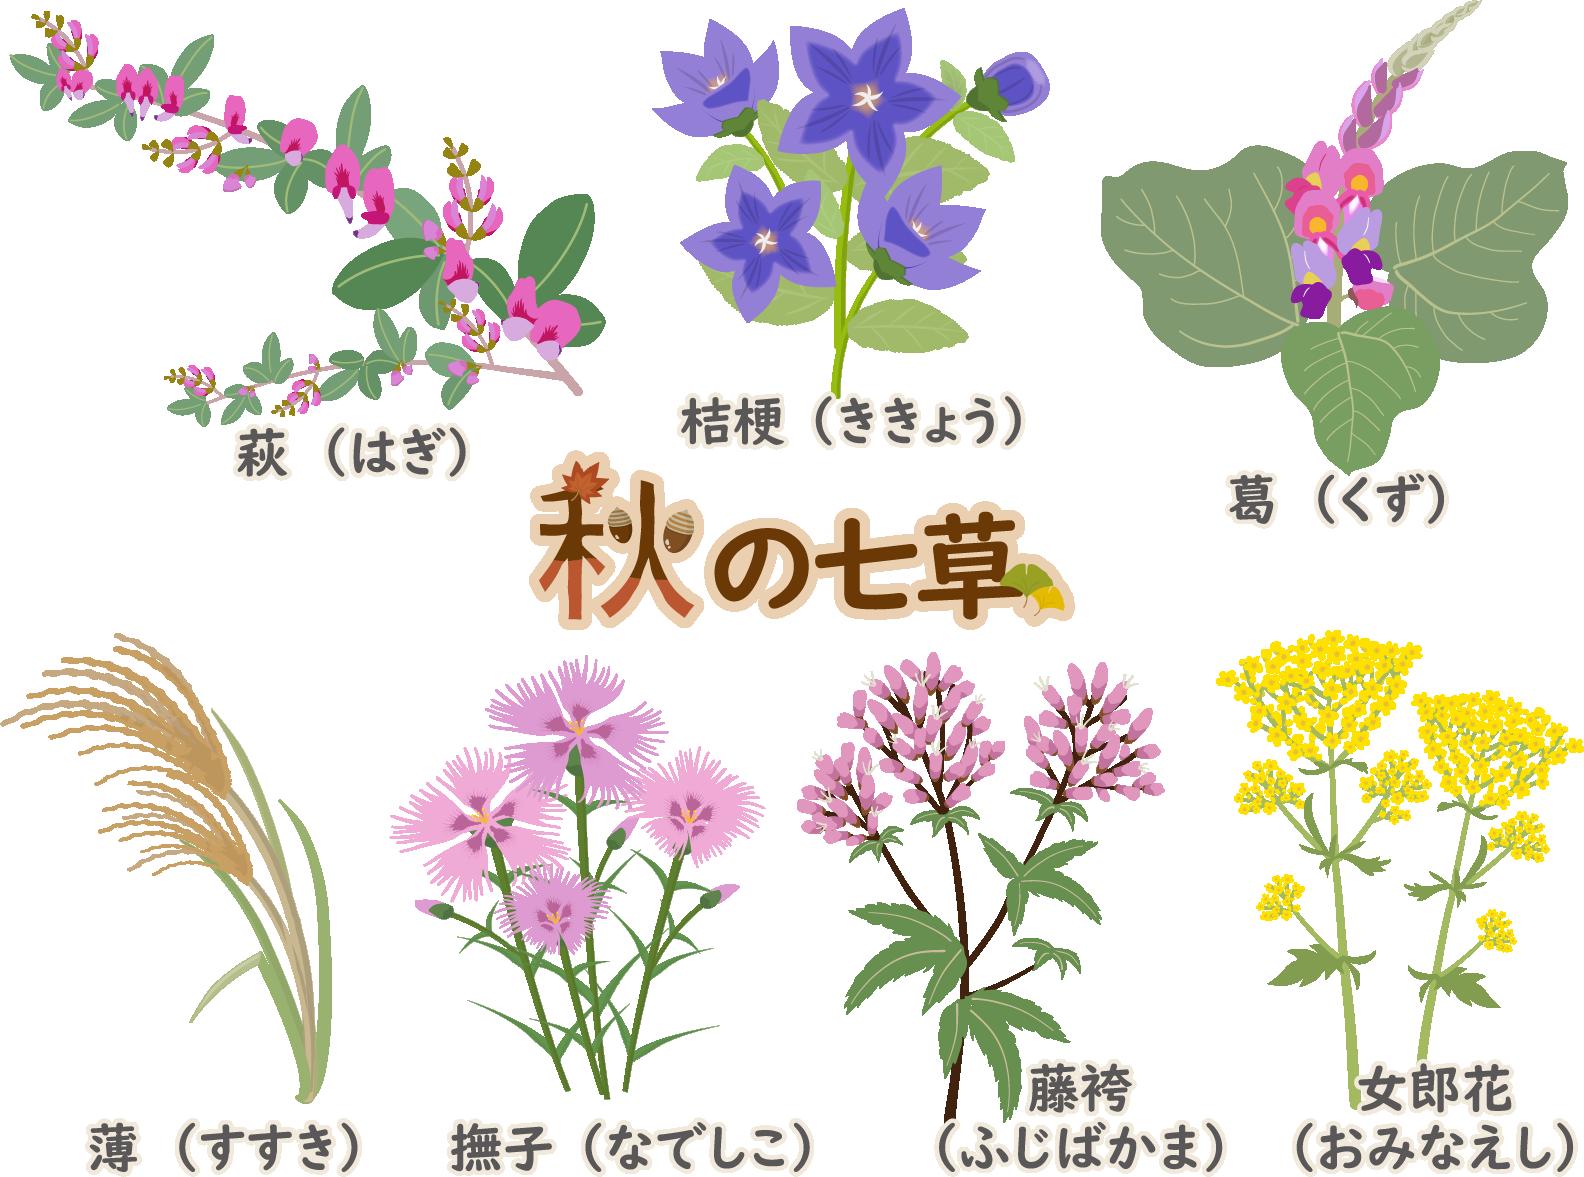 【千葉・青戸発】長瀞・秋の七草寺巡りと「有隣俱楽部」での竹膳料理ランチ